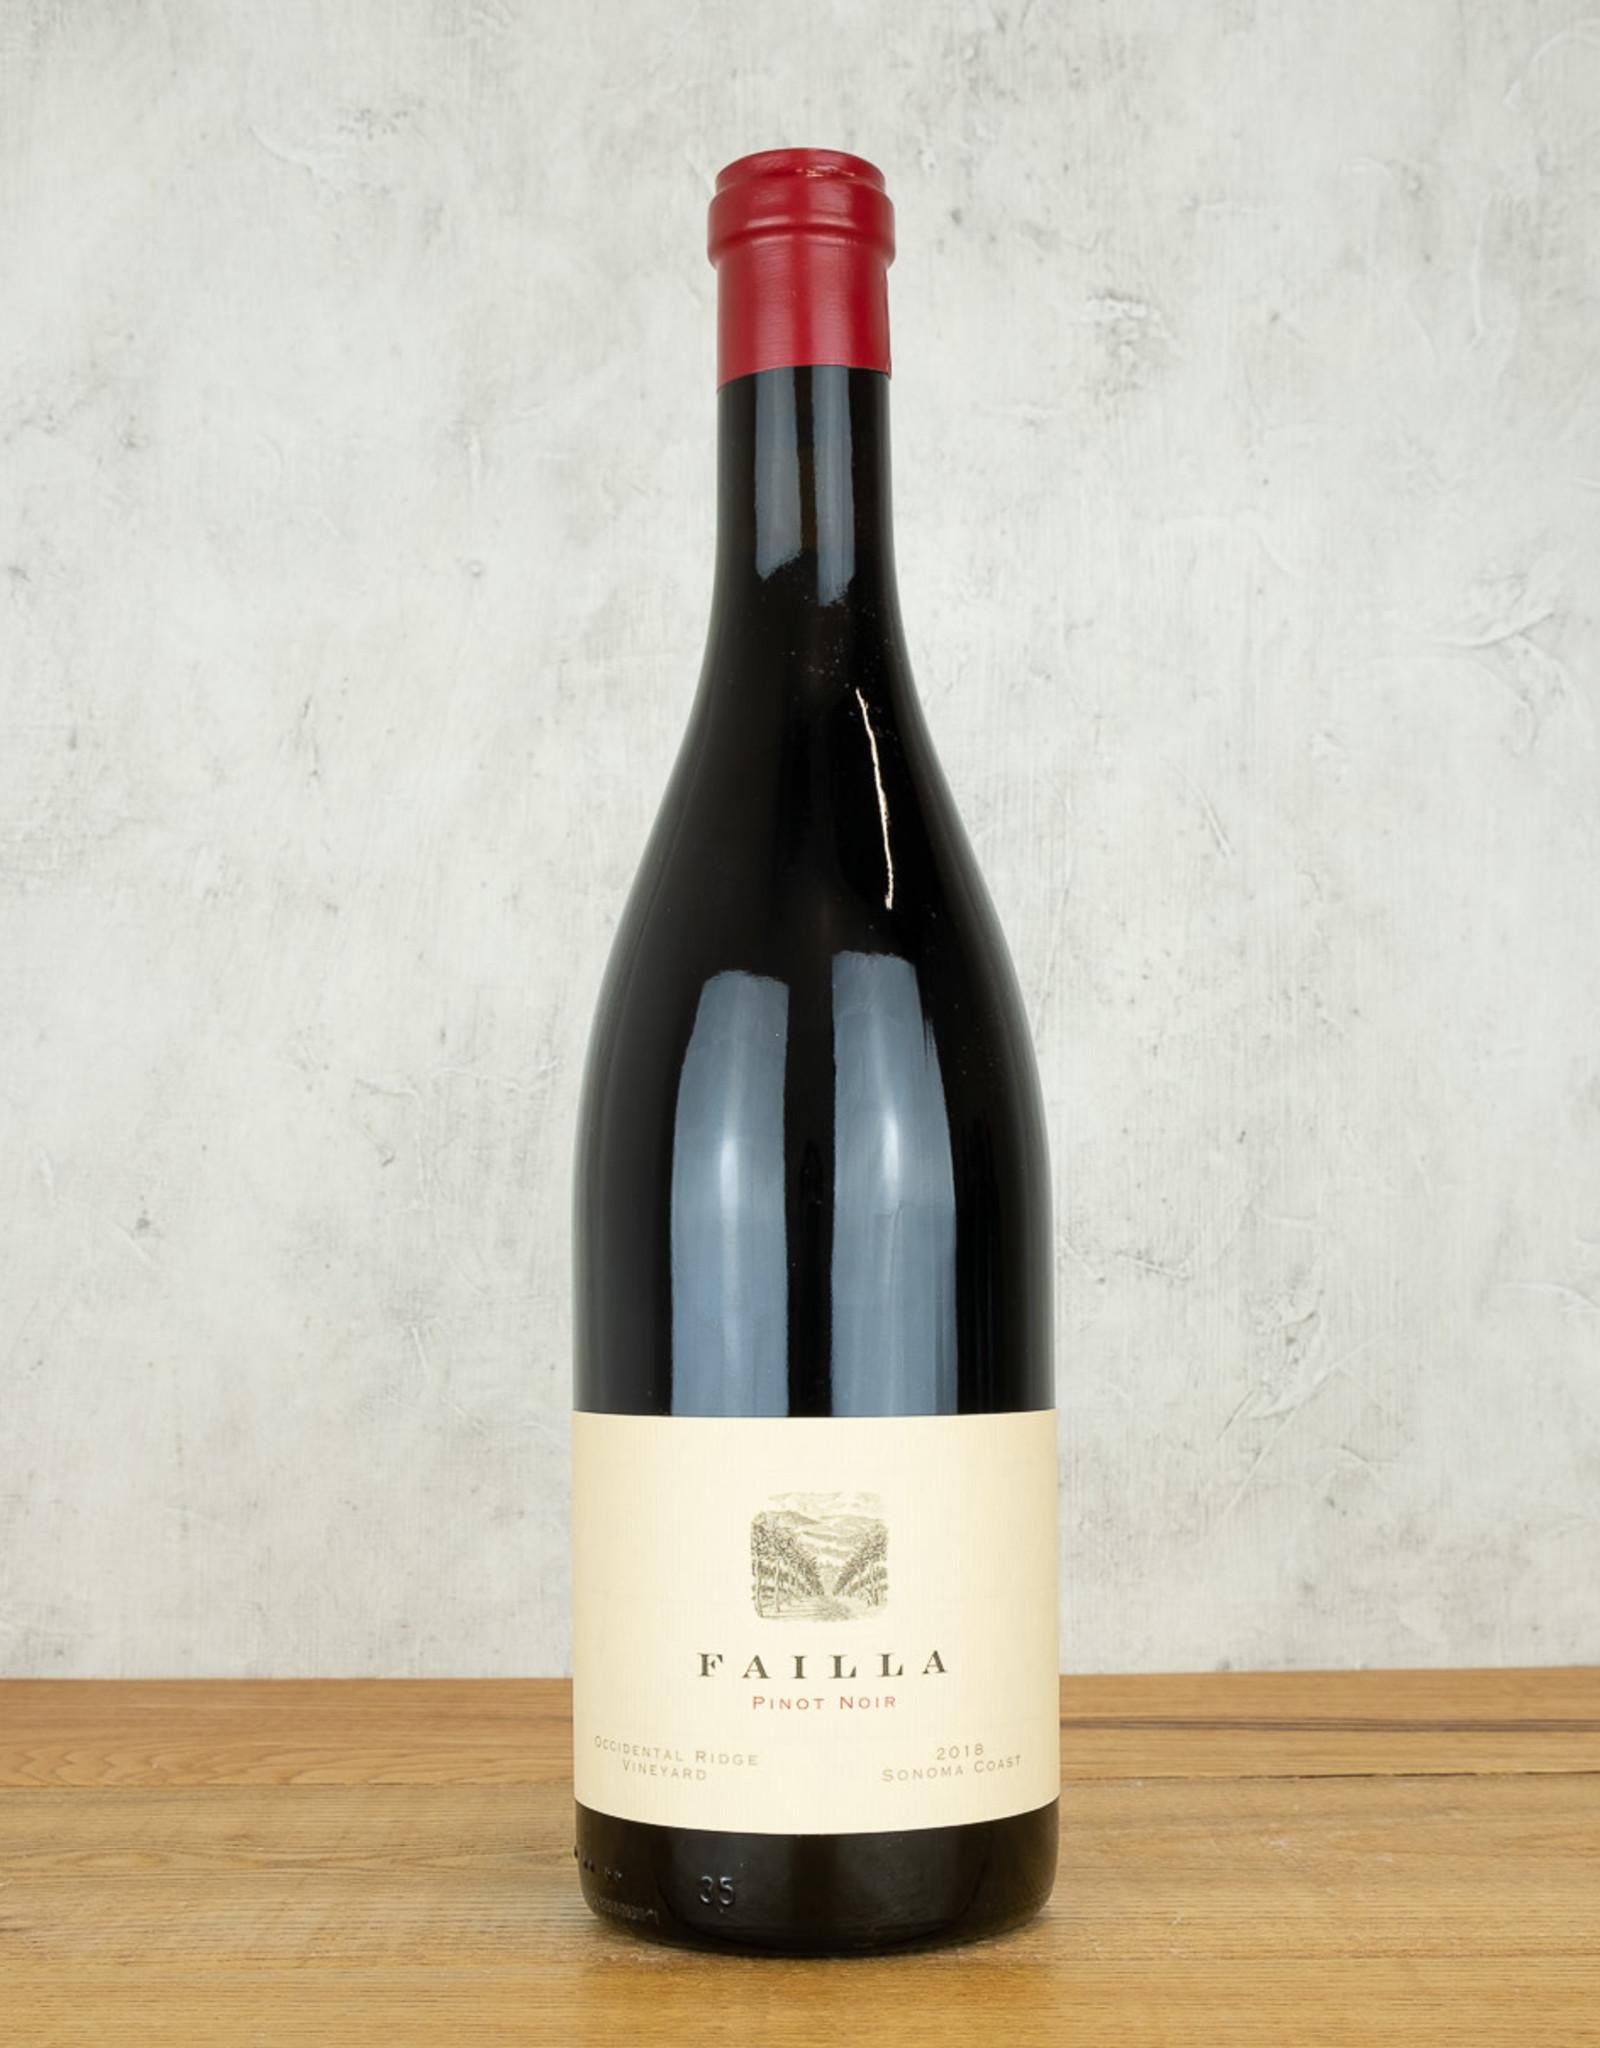 Failla Pinot Noir Occidental Ridge